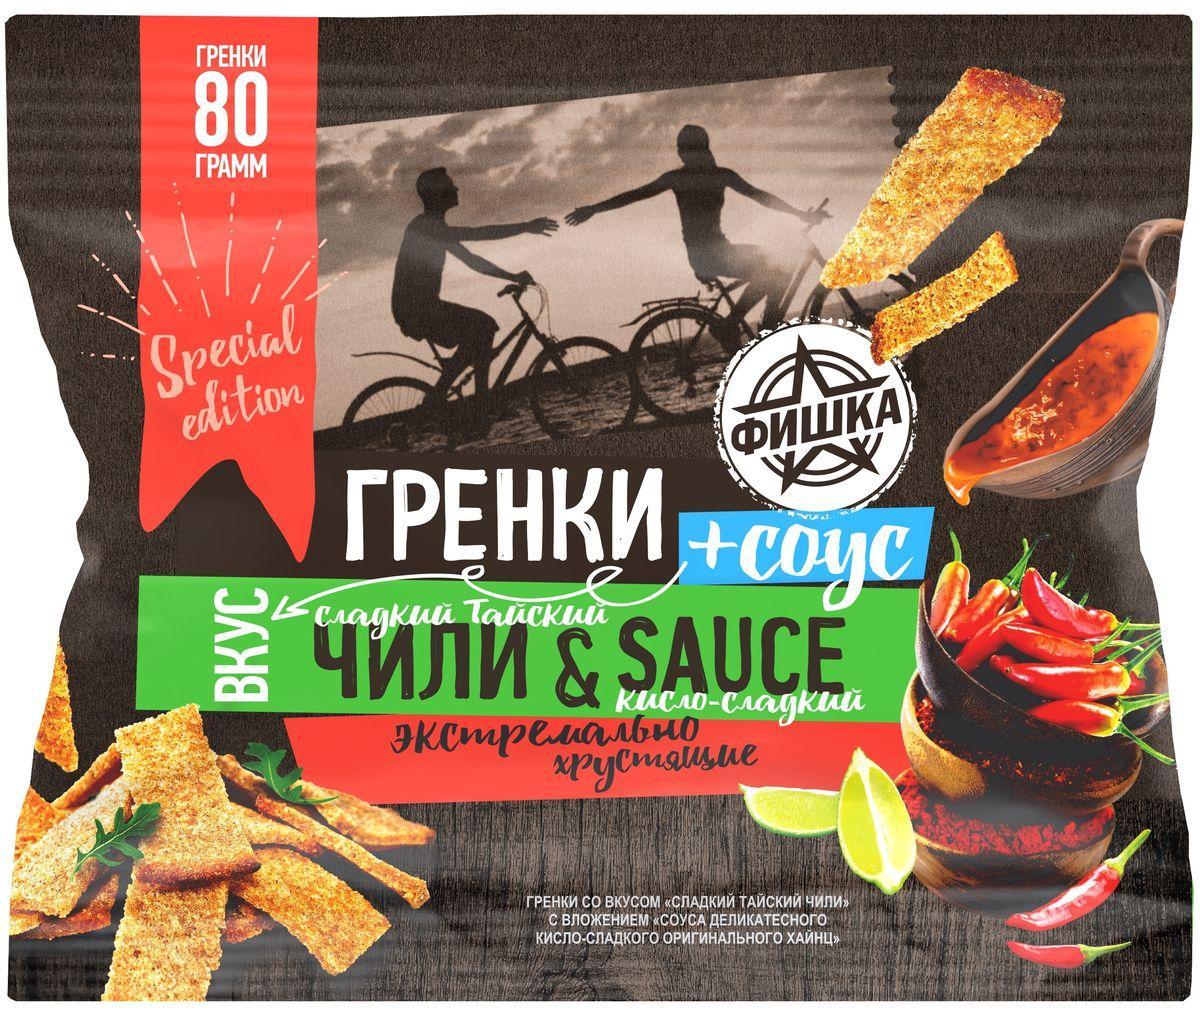 Гренки Фишка Со вкусом сладкий тайский чили с кисло-сладким соусом